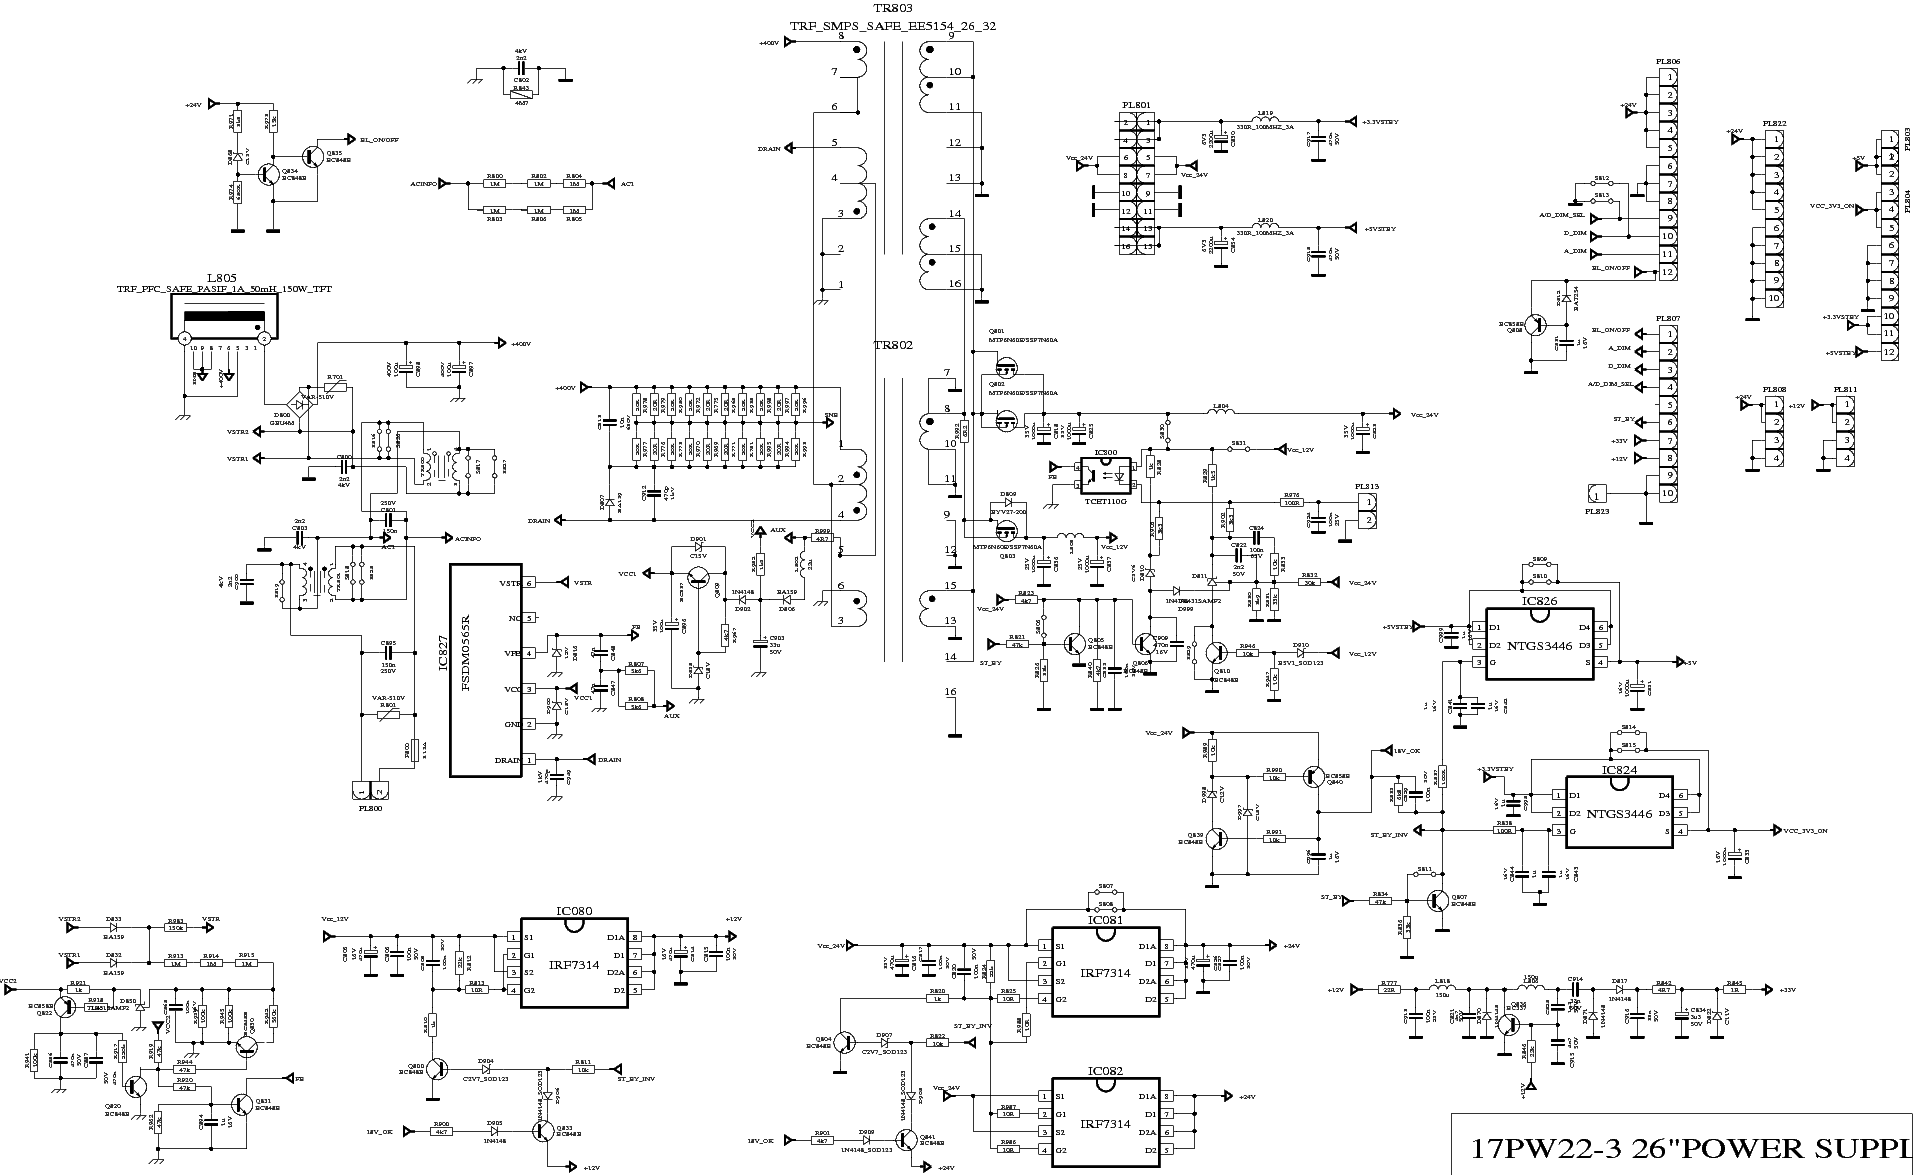 17pw25 4 circuit diagram wiring diagram g8  17pw26 4 circuit diagram wiring